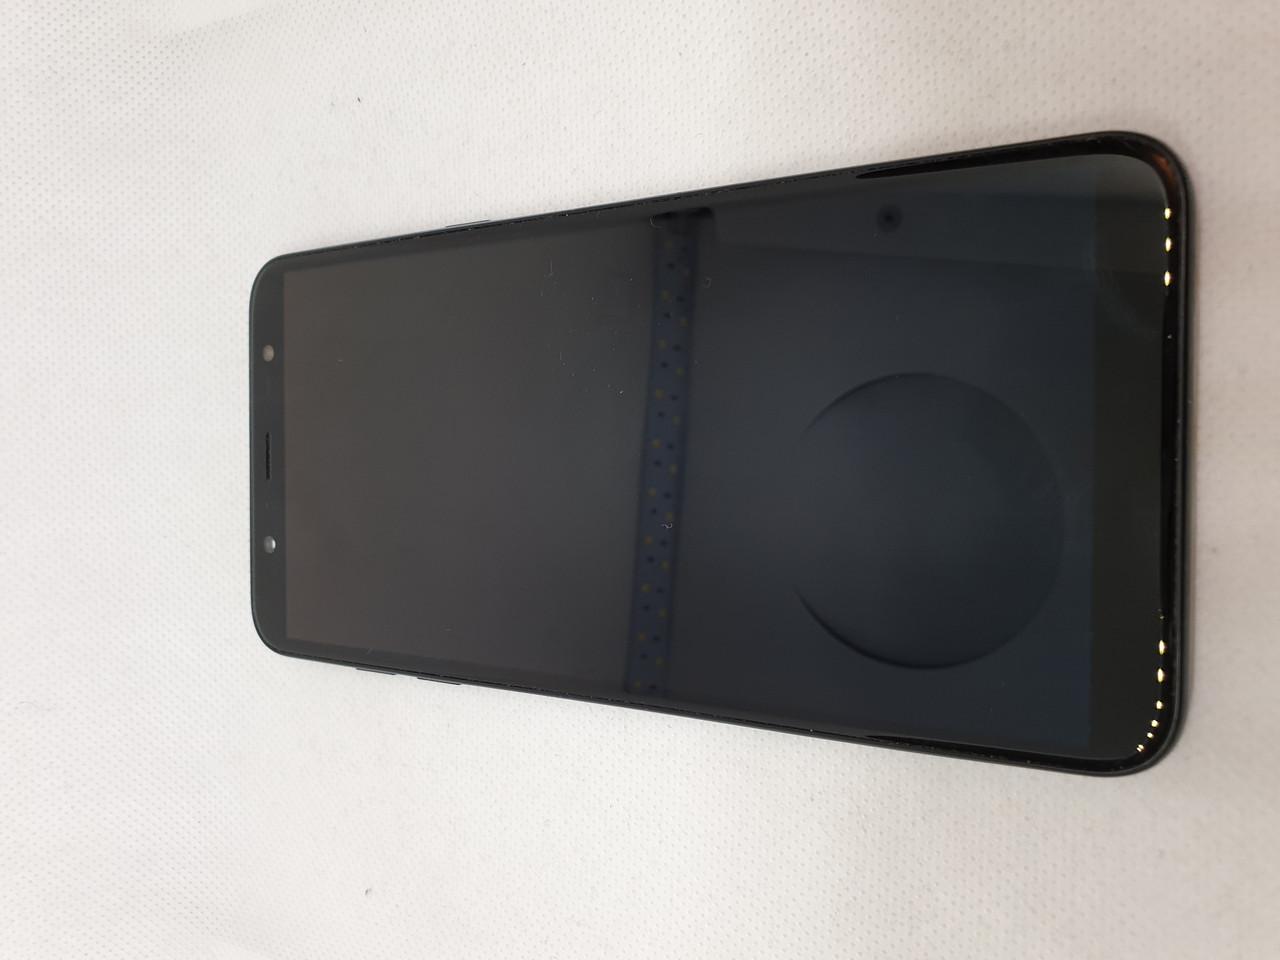 Смартфон Samsung Galaxy J8 2018 3/32GB Black 3/32 435ВР